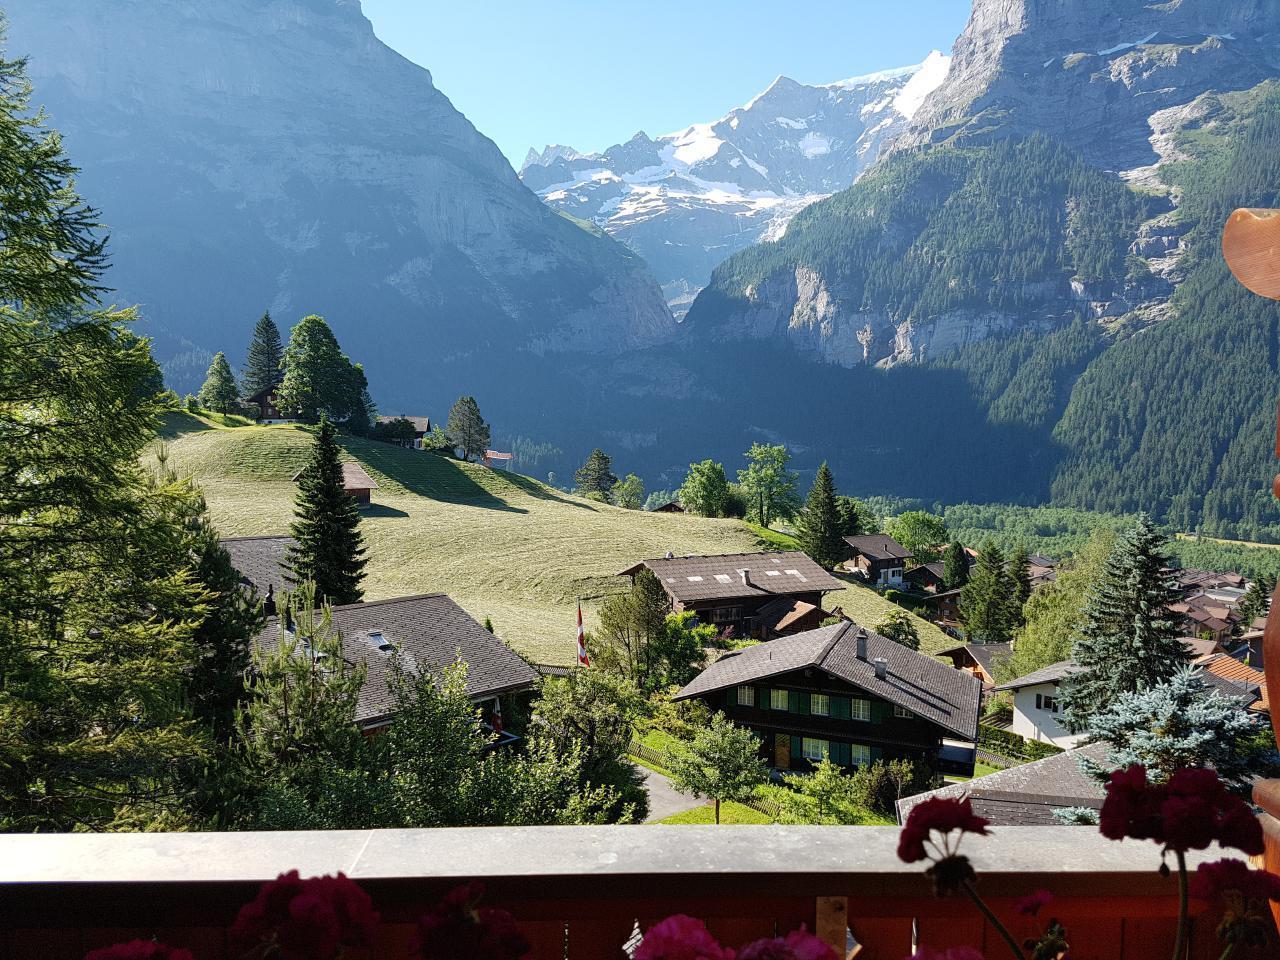 Ferienwohnung Chalet Moosrain 4.5 Zimmer-Wohnung, Eigerblick (788969), Grindelwald, Jungfrauregion, Berner Oberland, Schweiz, Bild 9